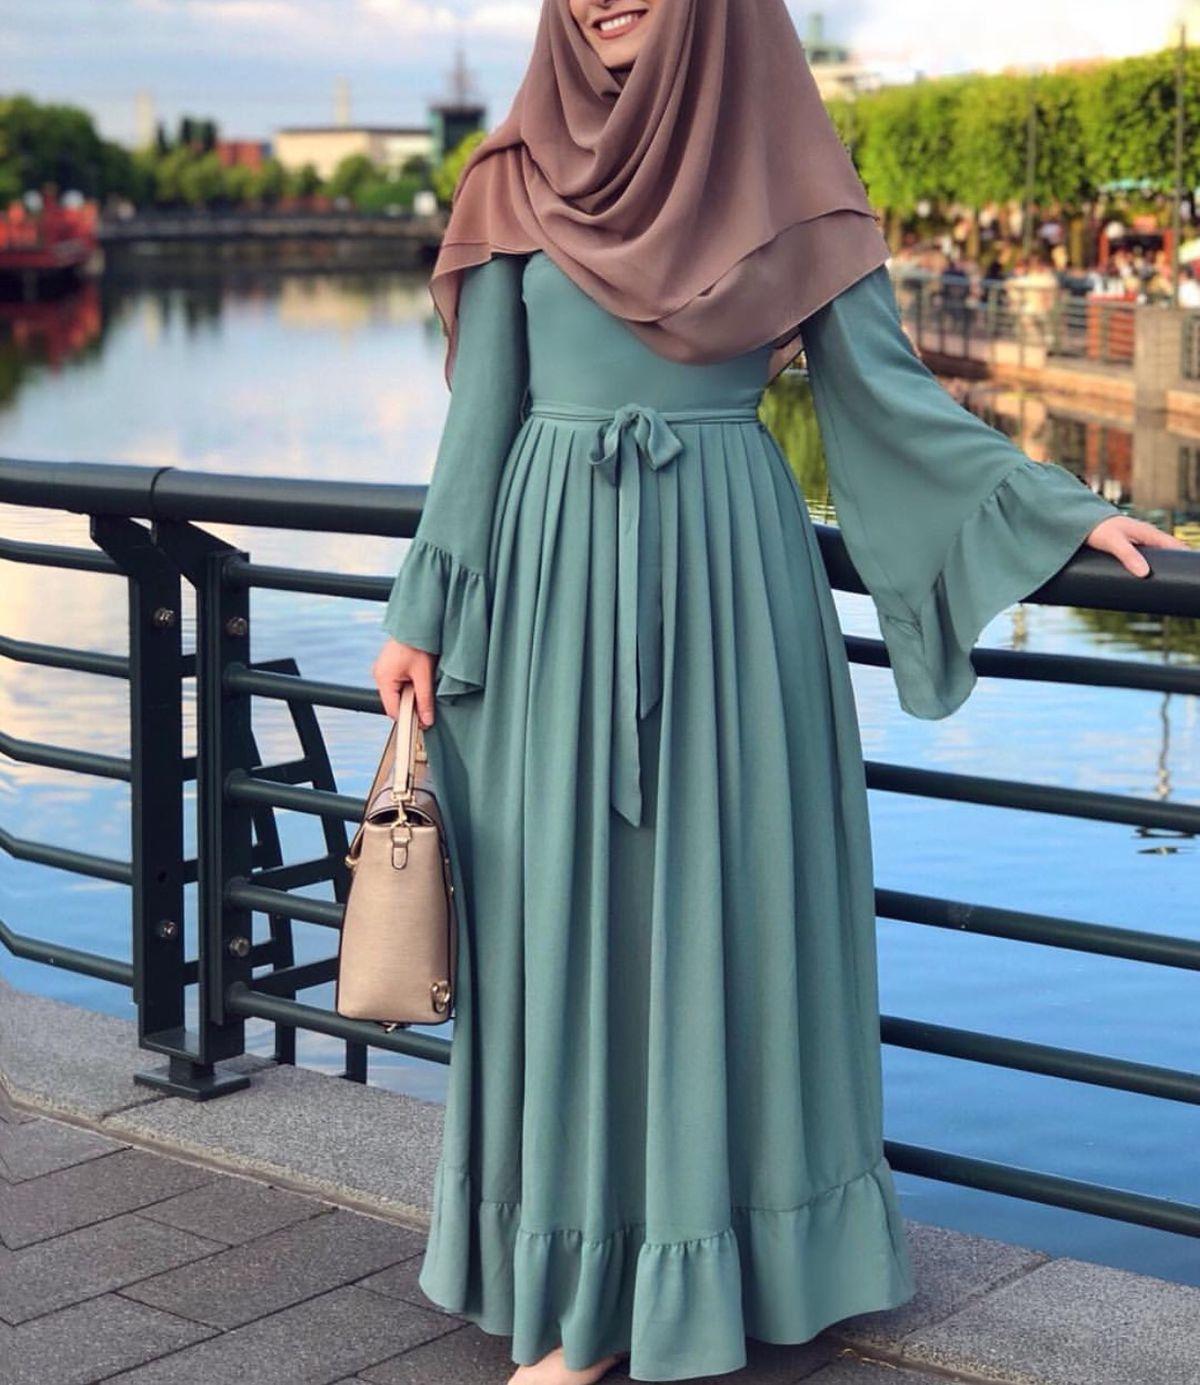 أفكار للعيد تنسيقات بسيطة و جميلة تابعونا للمزيد Muslim Fashion Dress Moslem Fashion Muslim Fashion Outfits